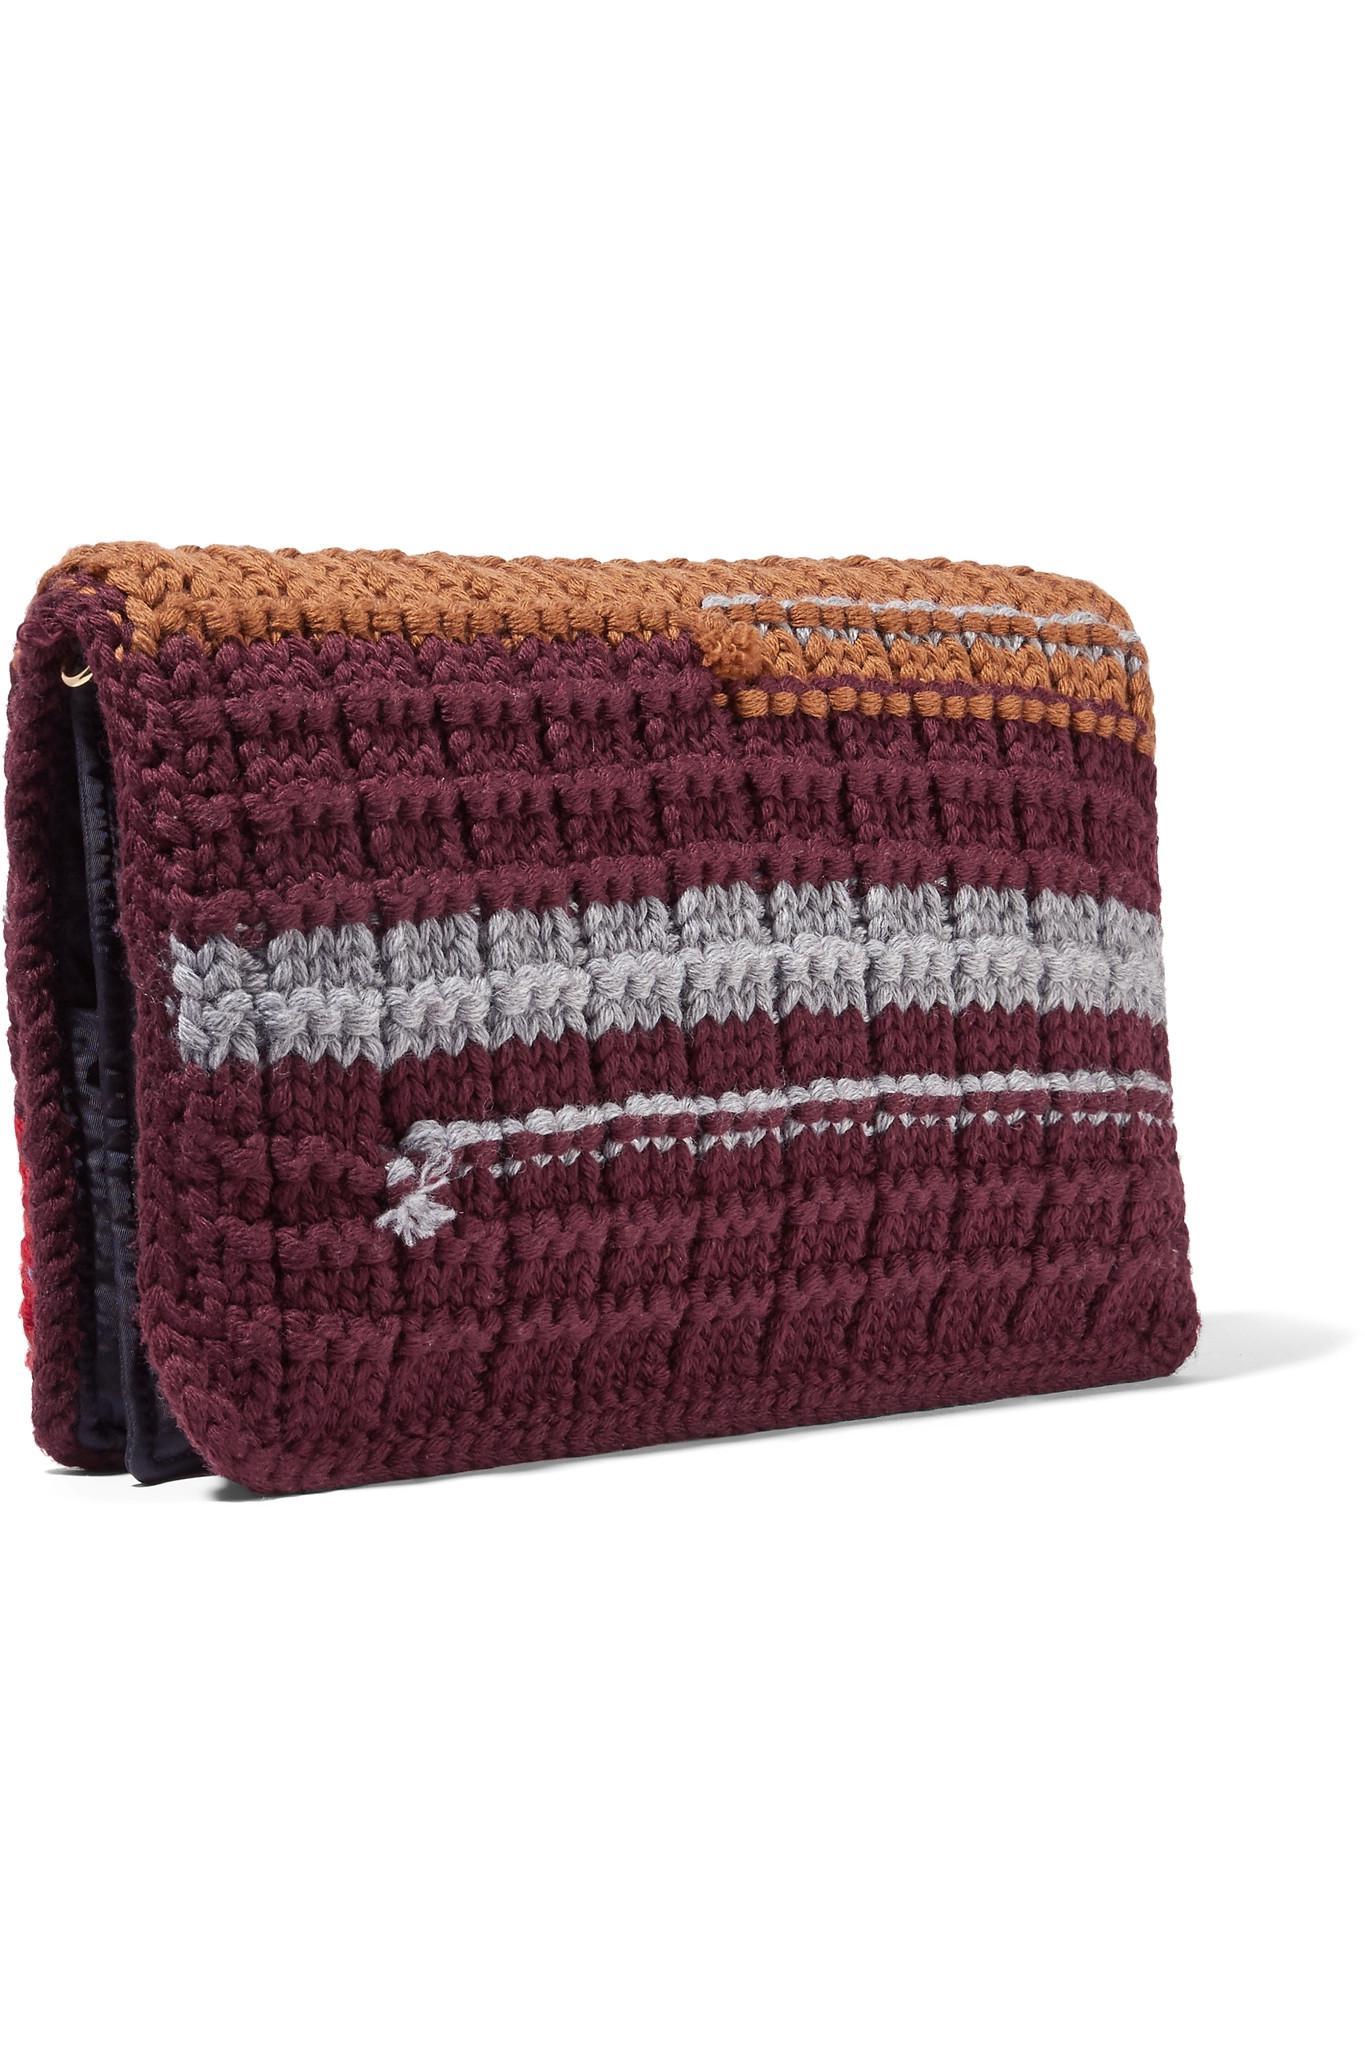 Lyst - Prada Crochet-knit Clutch in Red a6d49138ab